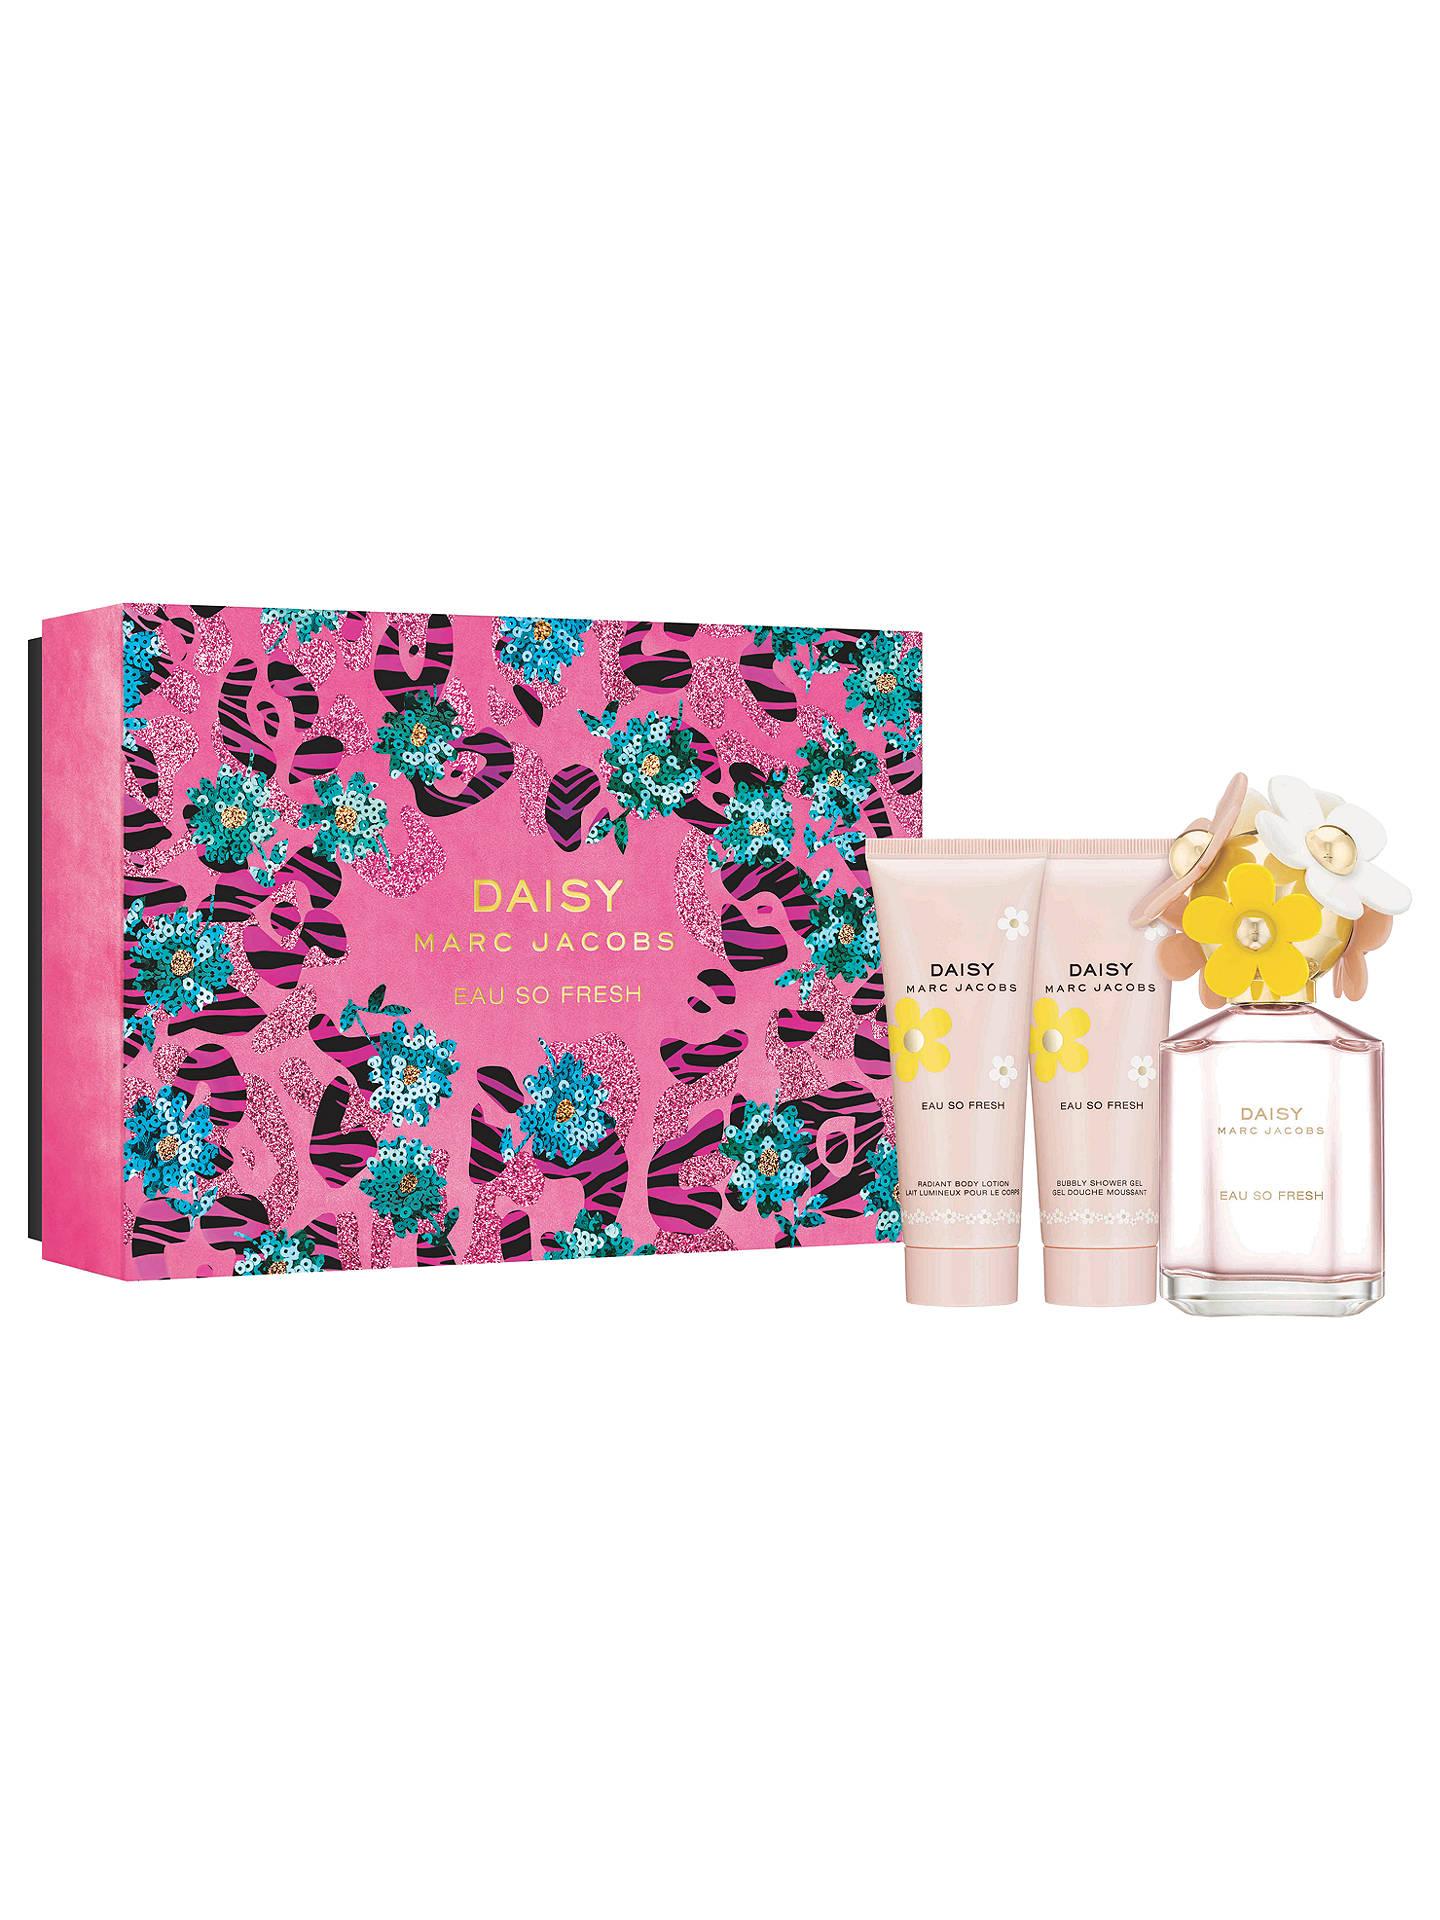 6e69c8c6e6402 Buy Marc Jacobs Daisy Eau So Fresh 75ml Eau de Toilette Fragrance Gift Set  Online at